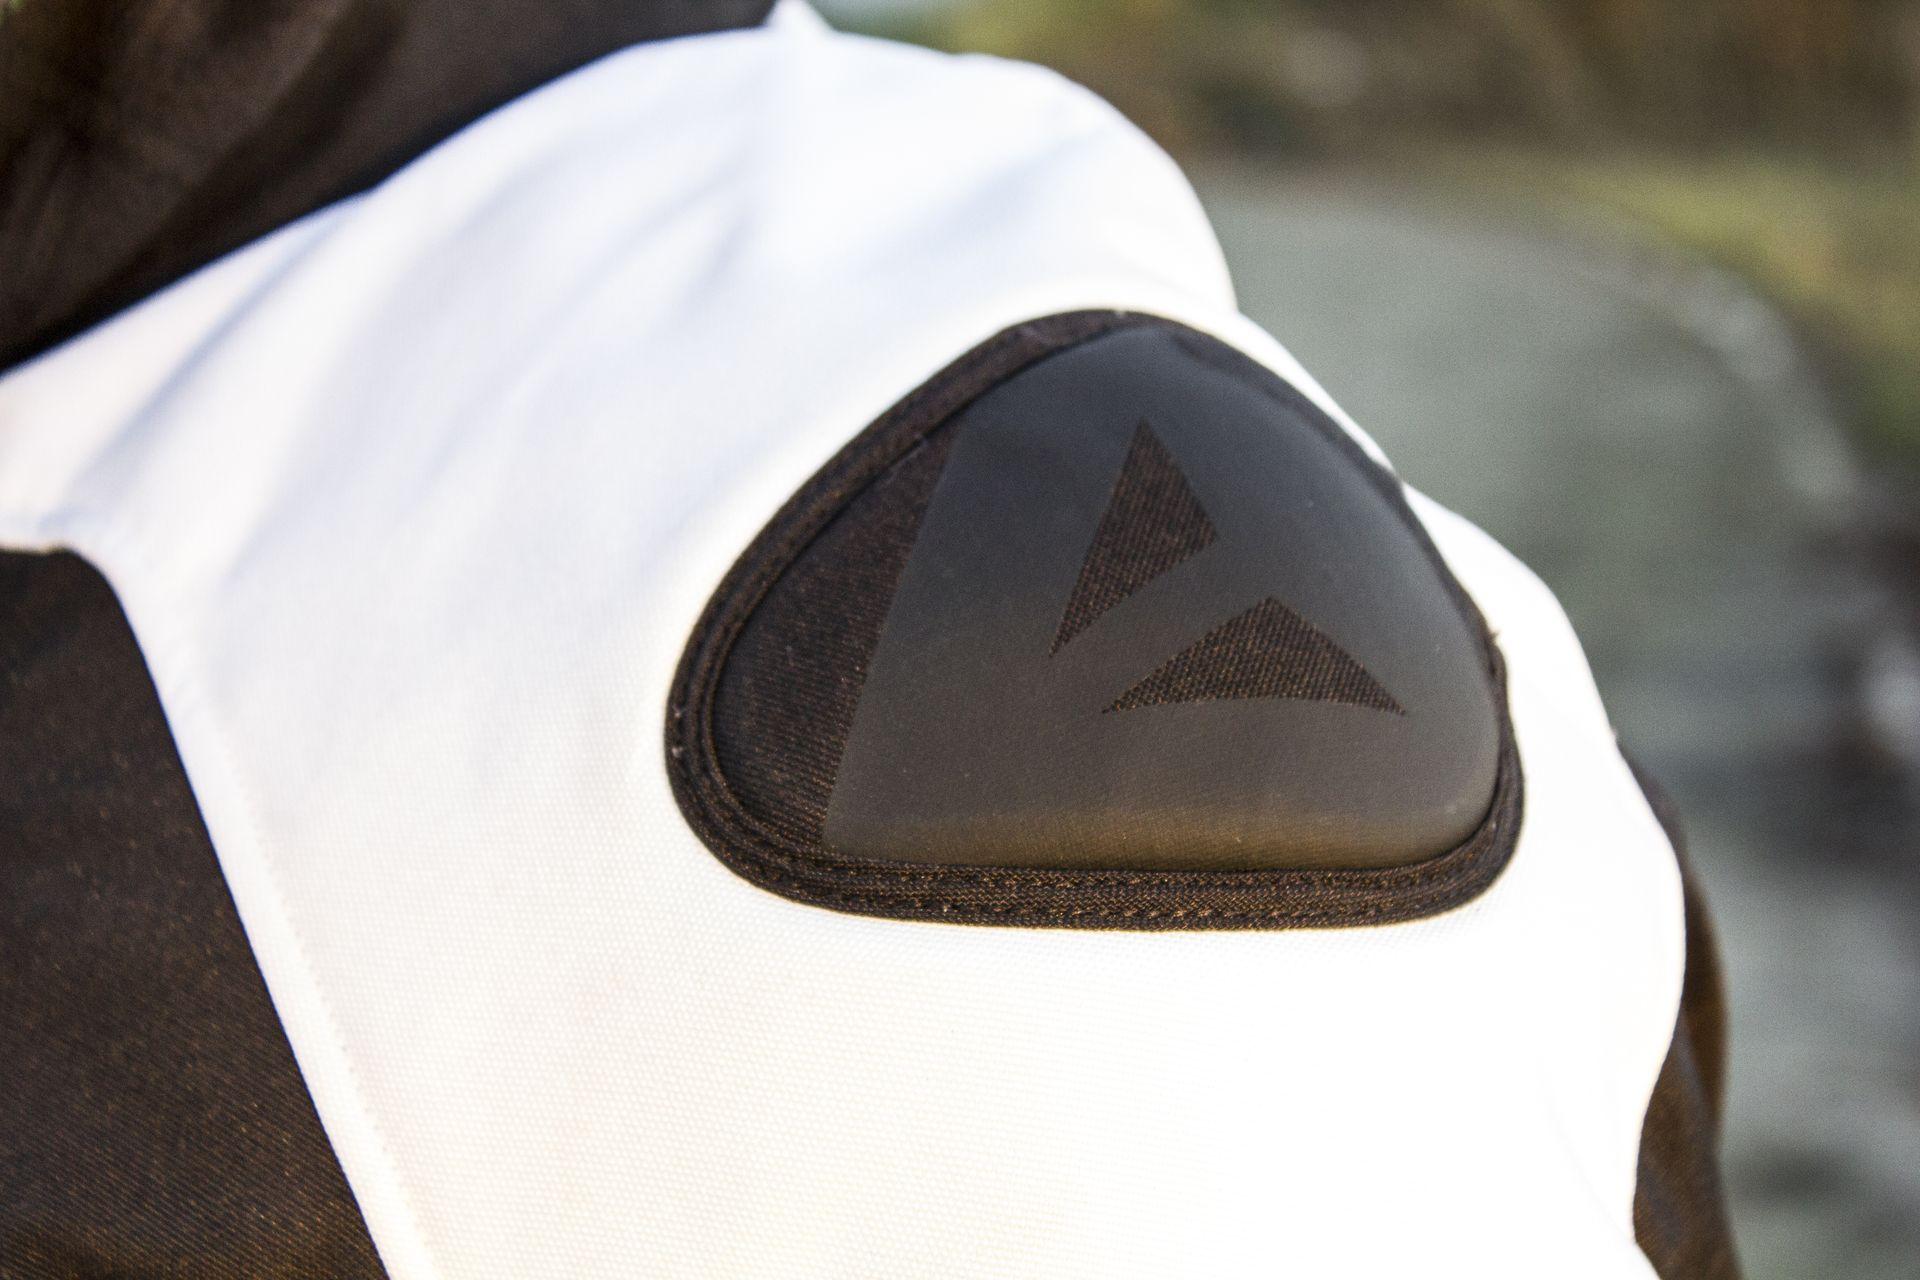 Refuerzo de plástico cubierto con tela y decorado con el logotipo de Dainese: algo que recuerda a los modelos racing de la marca